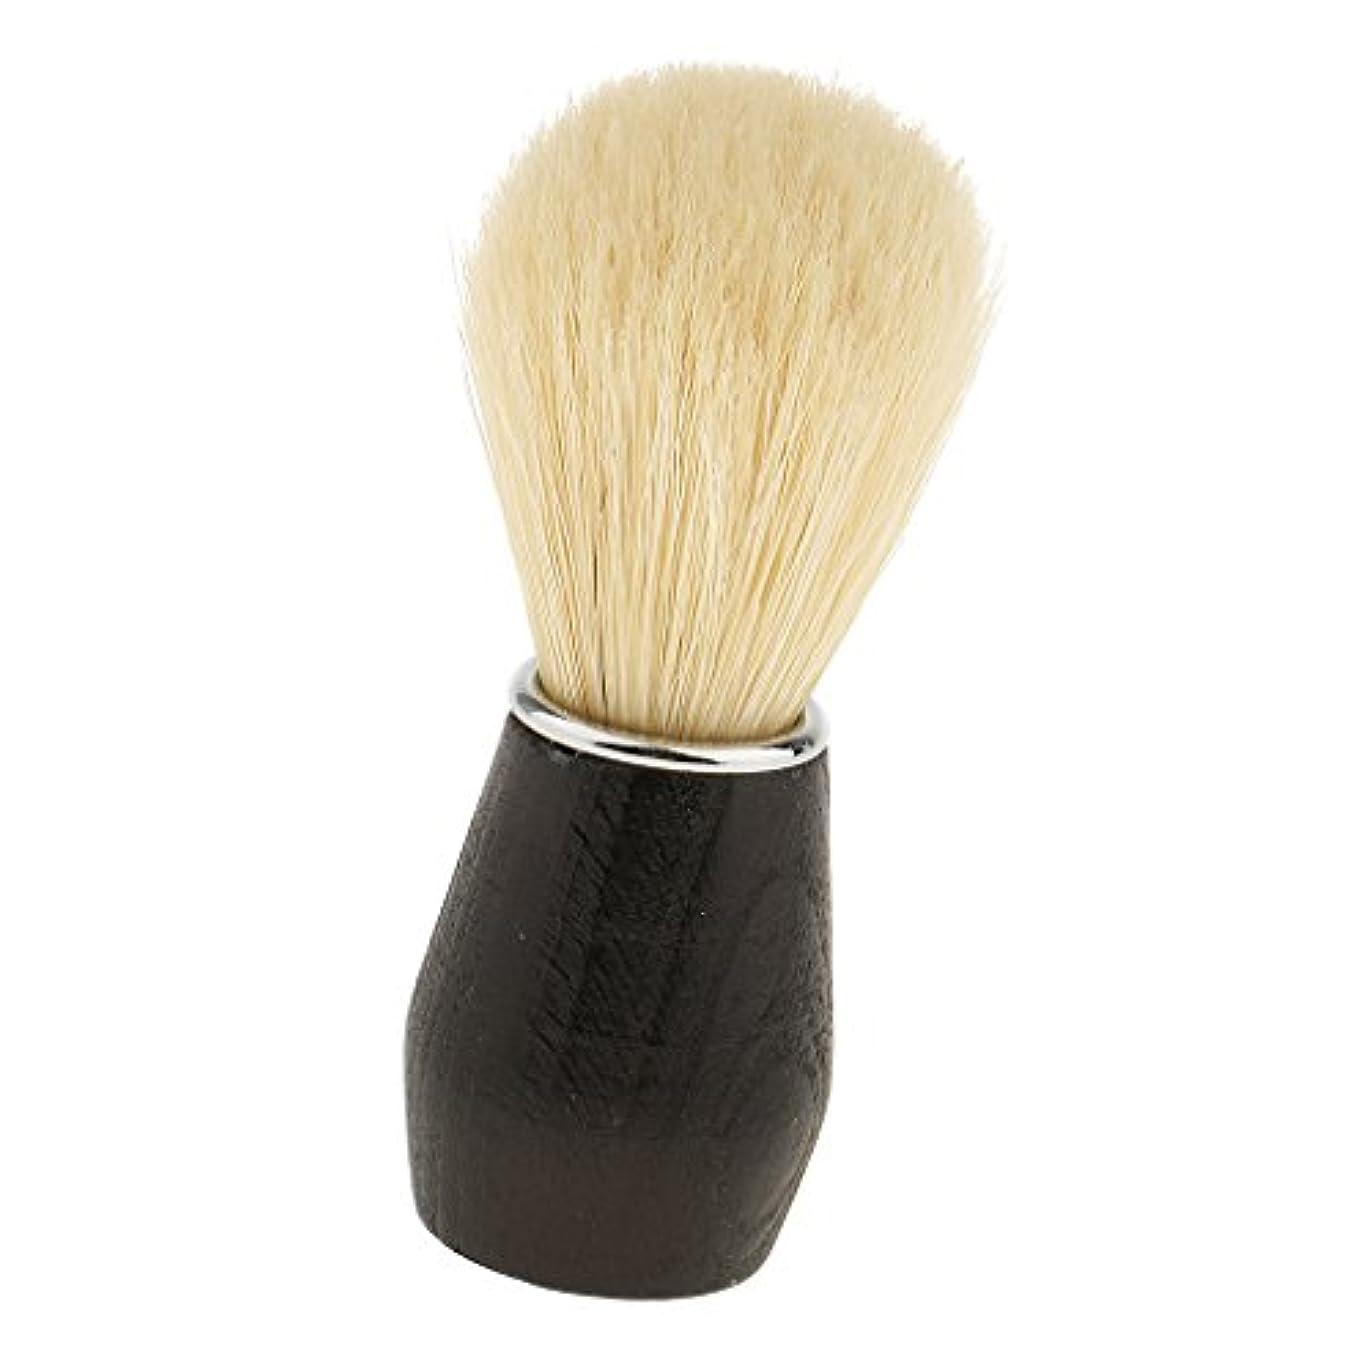 ドライブコークスアダルトBaosity 父のギフト ソフト 実用的 プロフェッショナル バーバーサロン家庭用 ひげ剃りブラシ プラスチックハンドル フェイシャルクリーニングブラシ ブラック